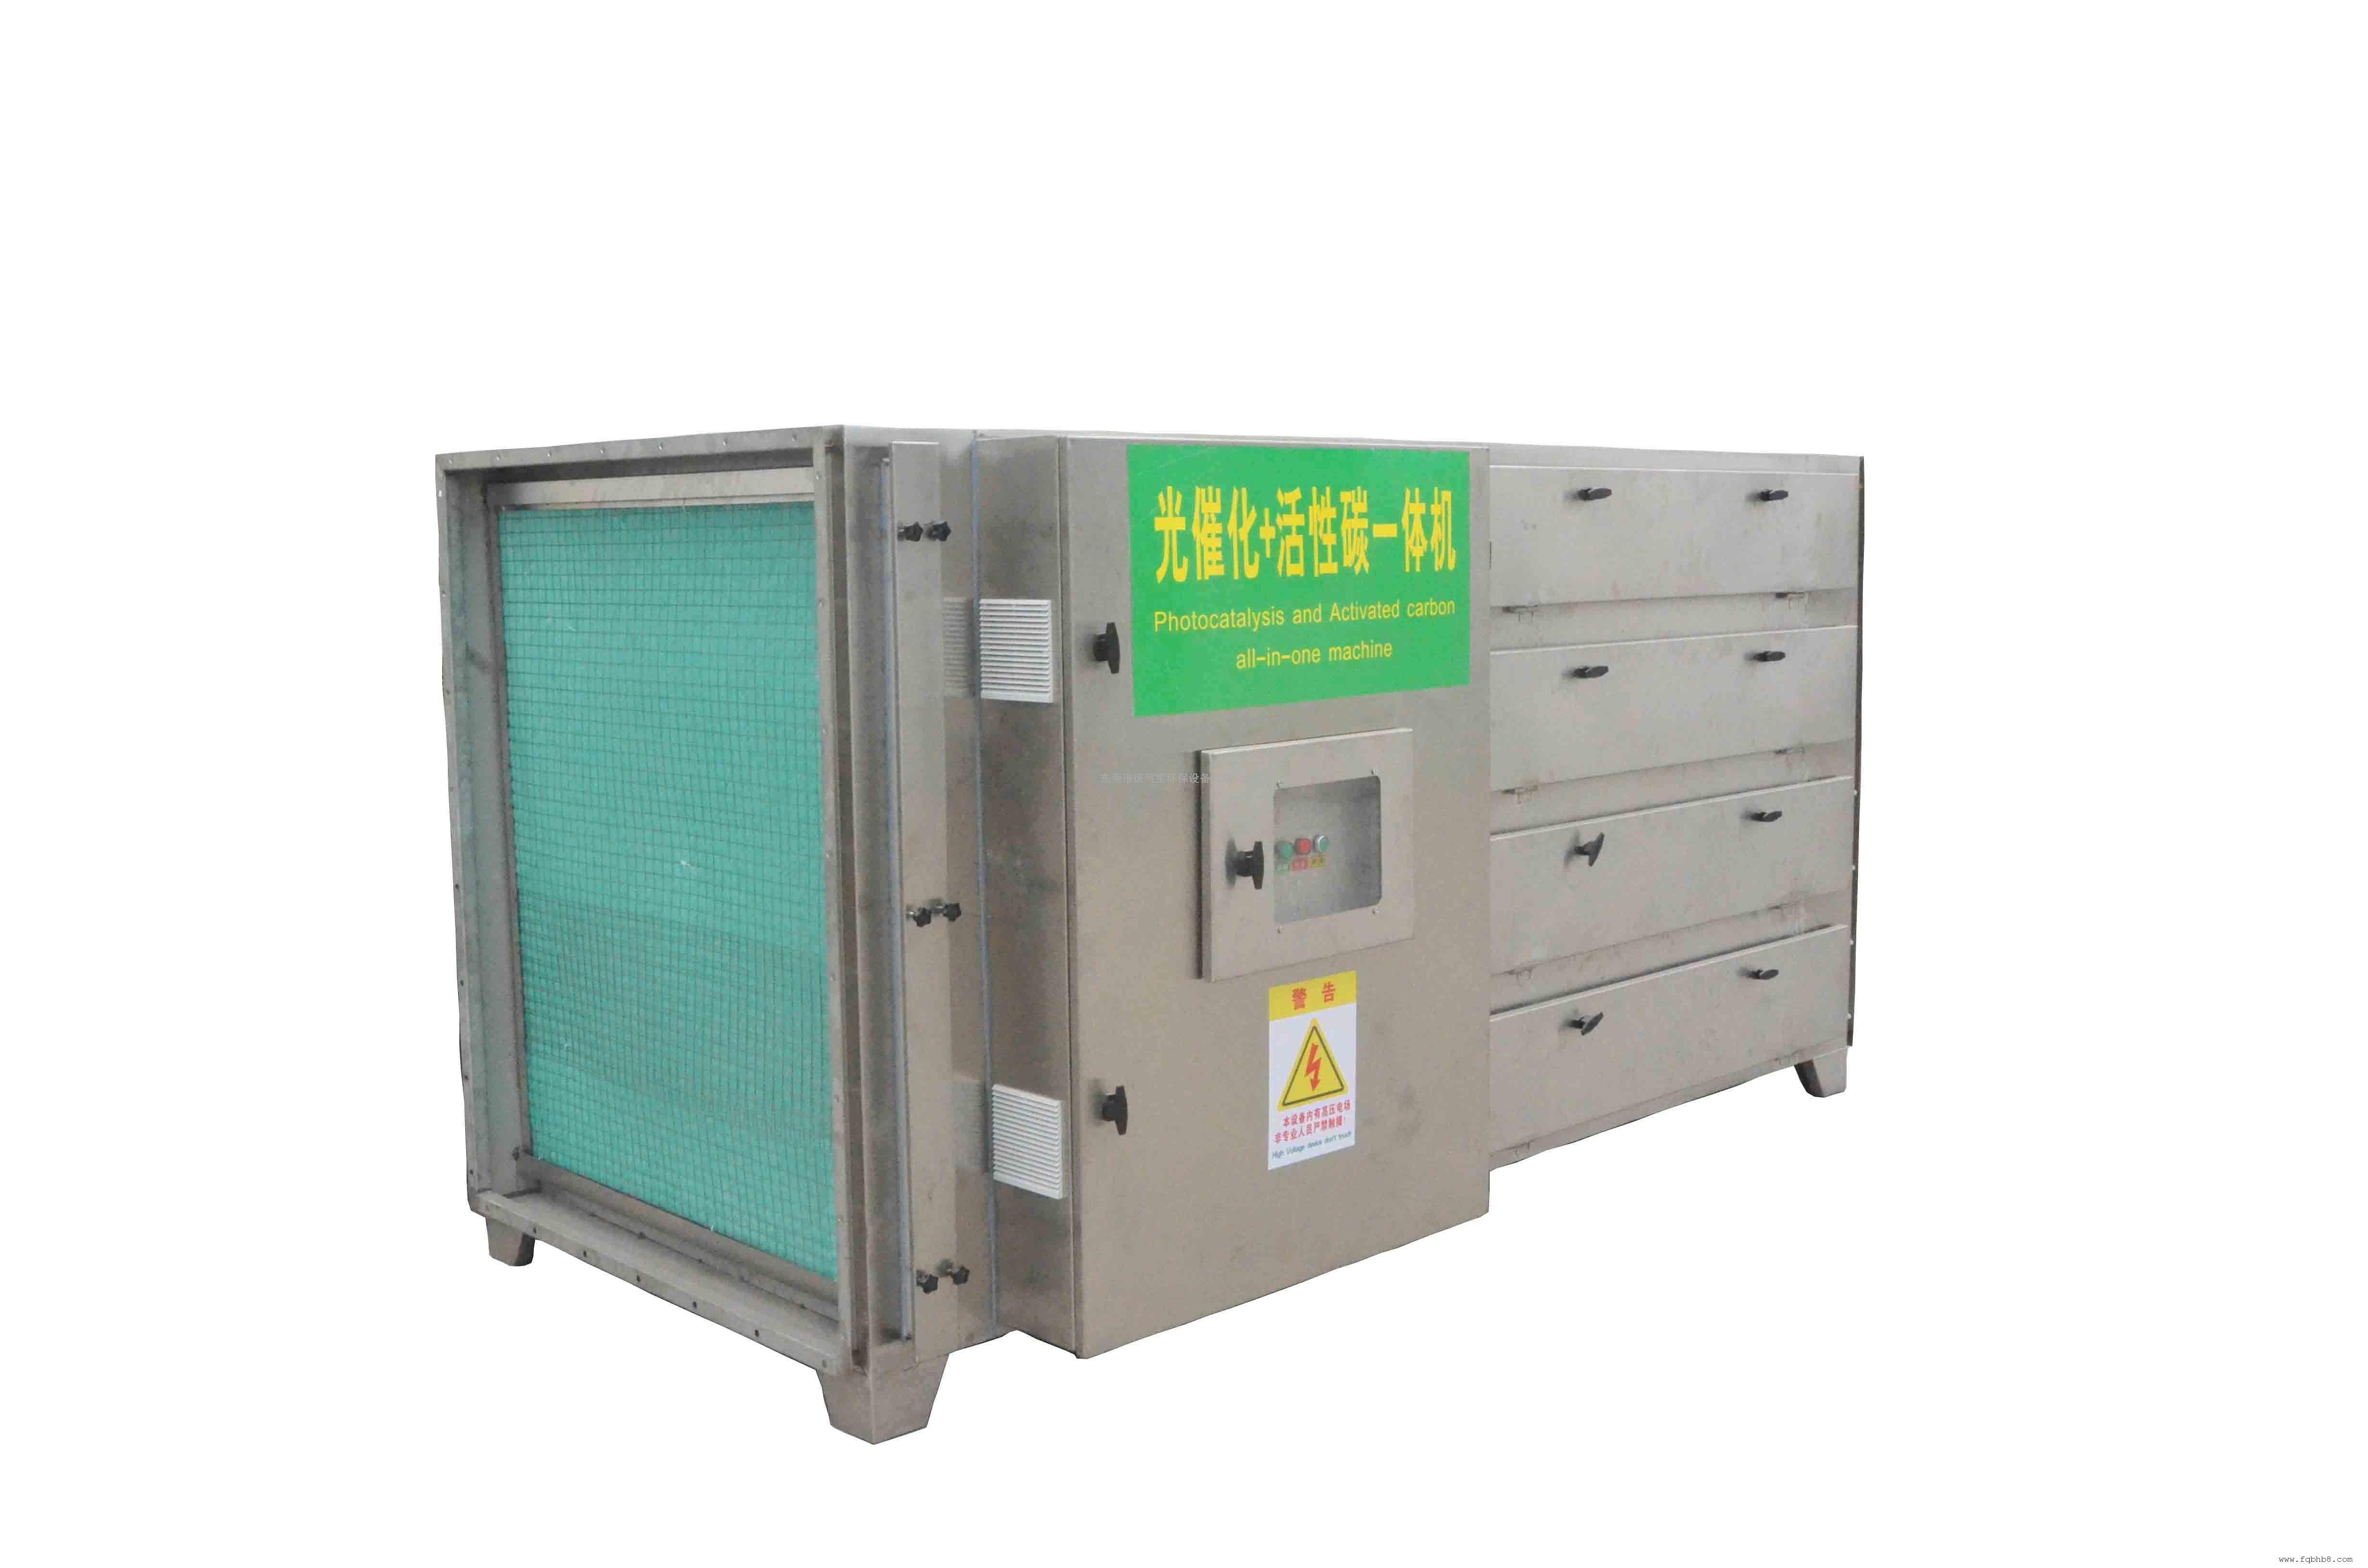 深圳五金厂废气处理首选废气宝环保设备